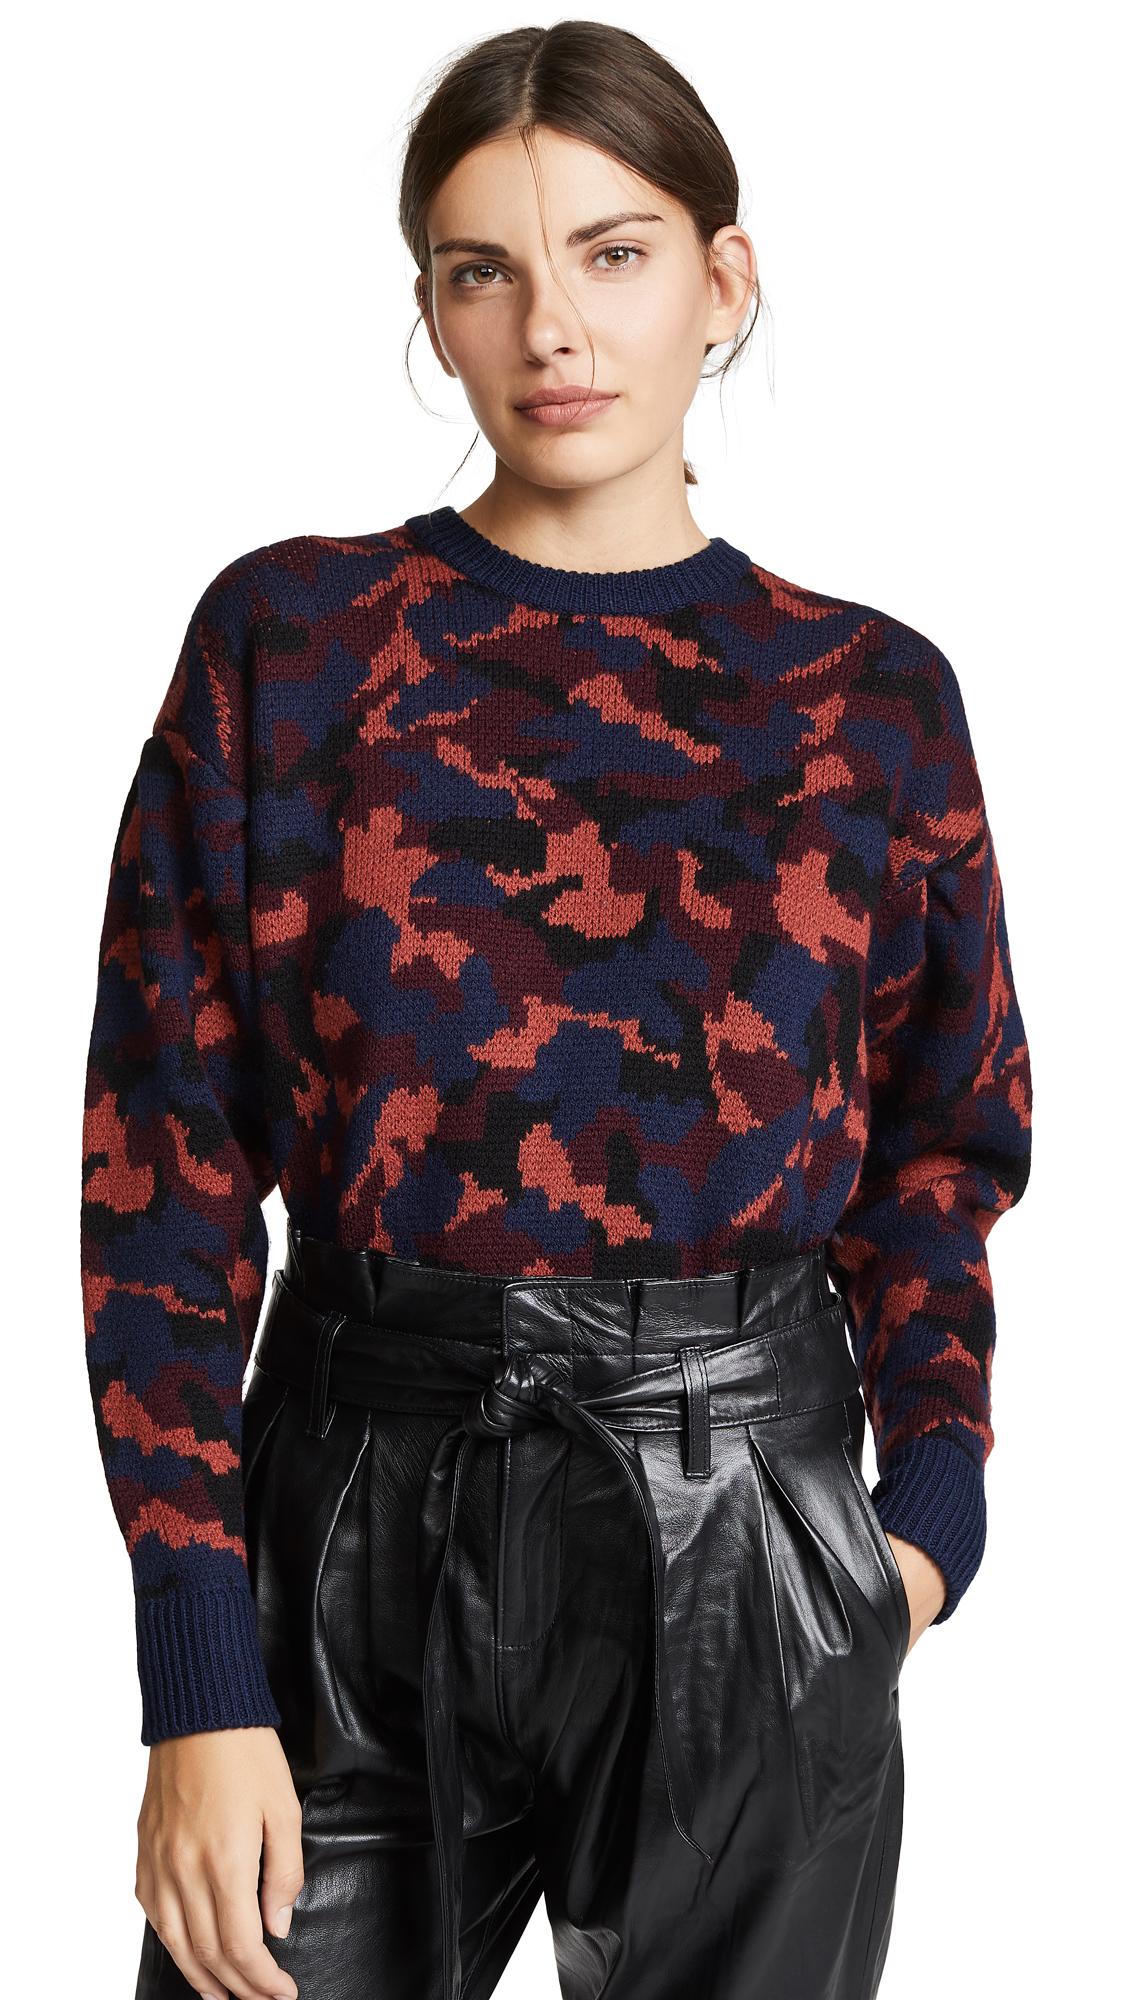 Joie Brycen Sweater In Midnight